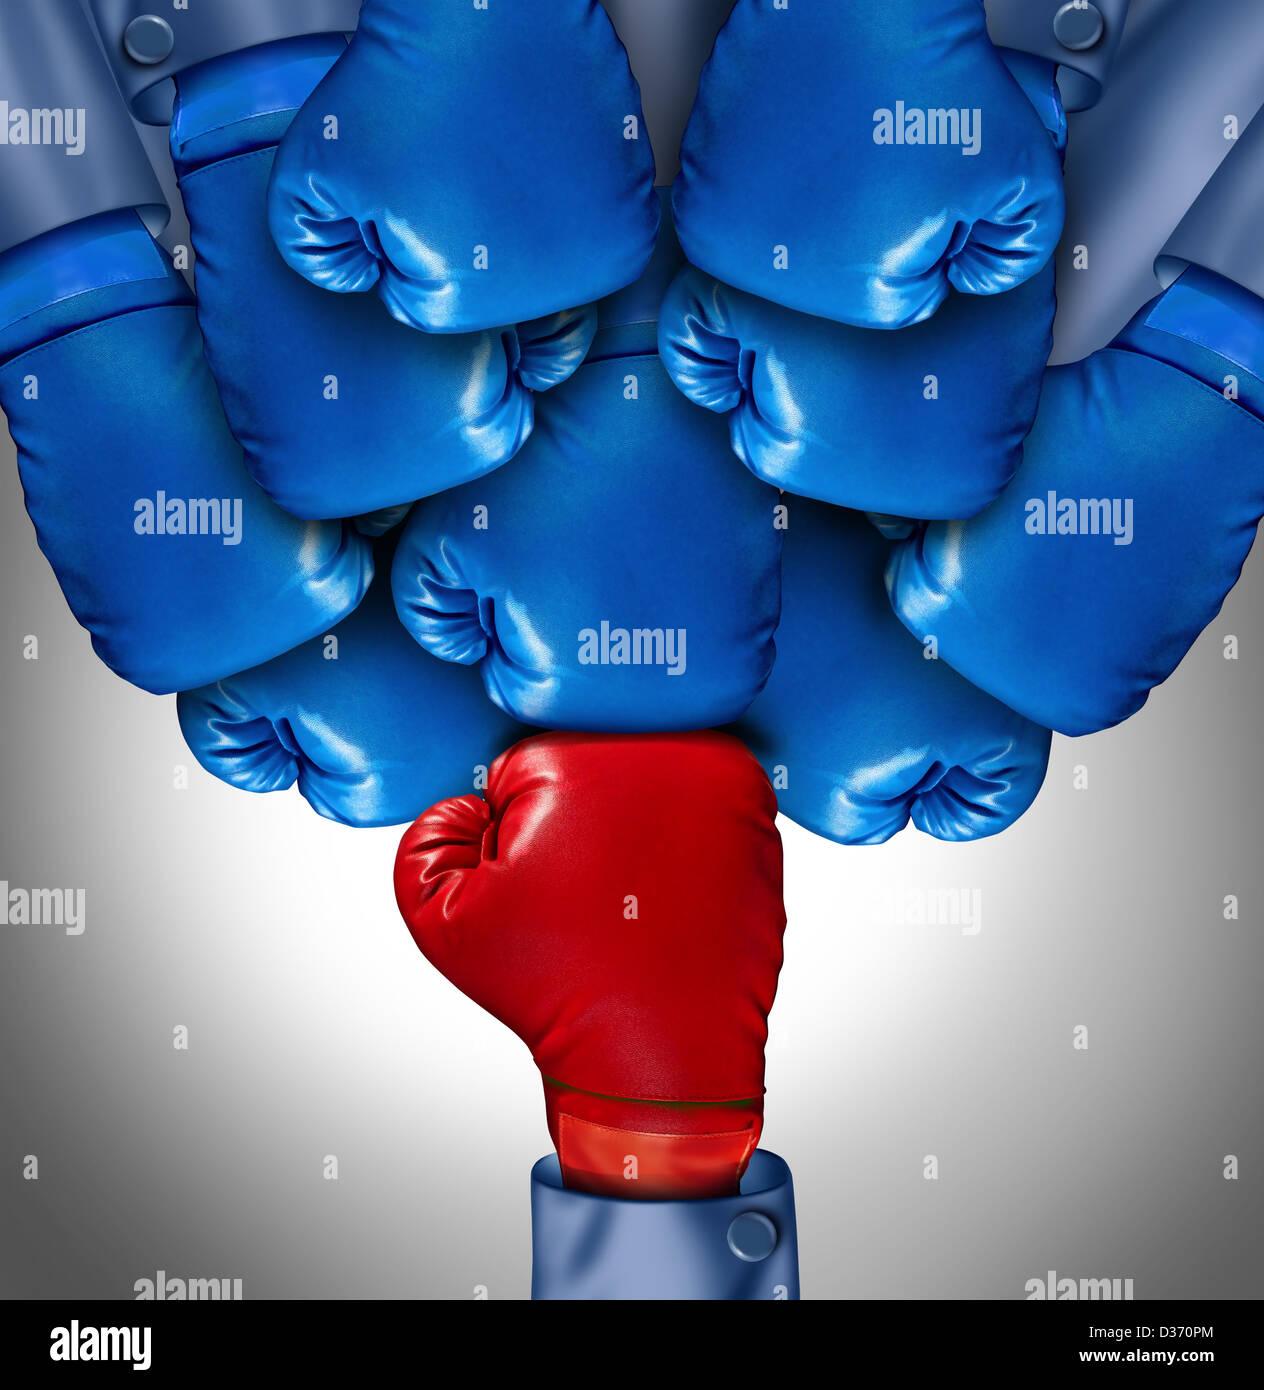 Surmonter l'adversité et la conquête de défis comme un groupe de gants de boxe bleu attaque concertée sur un seul Banque D'Images